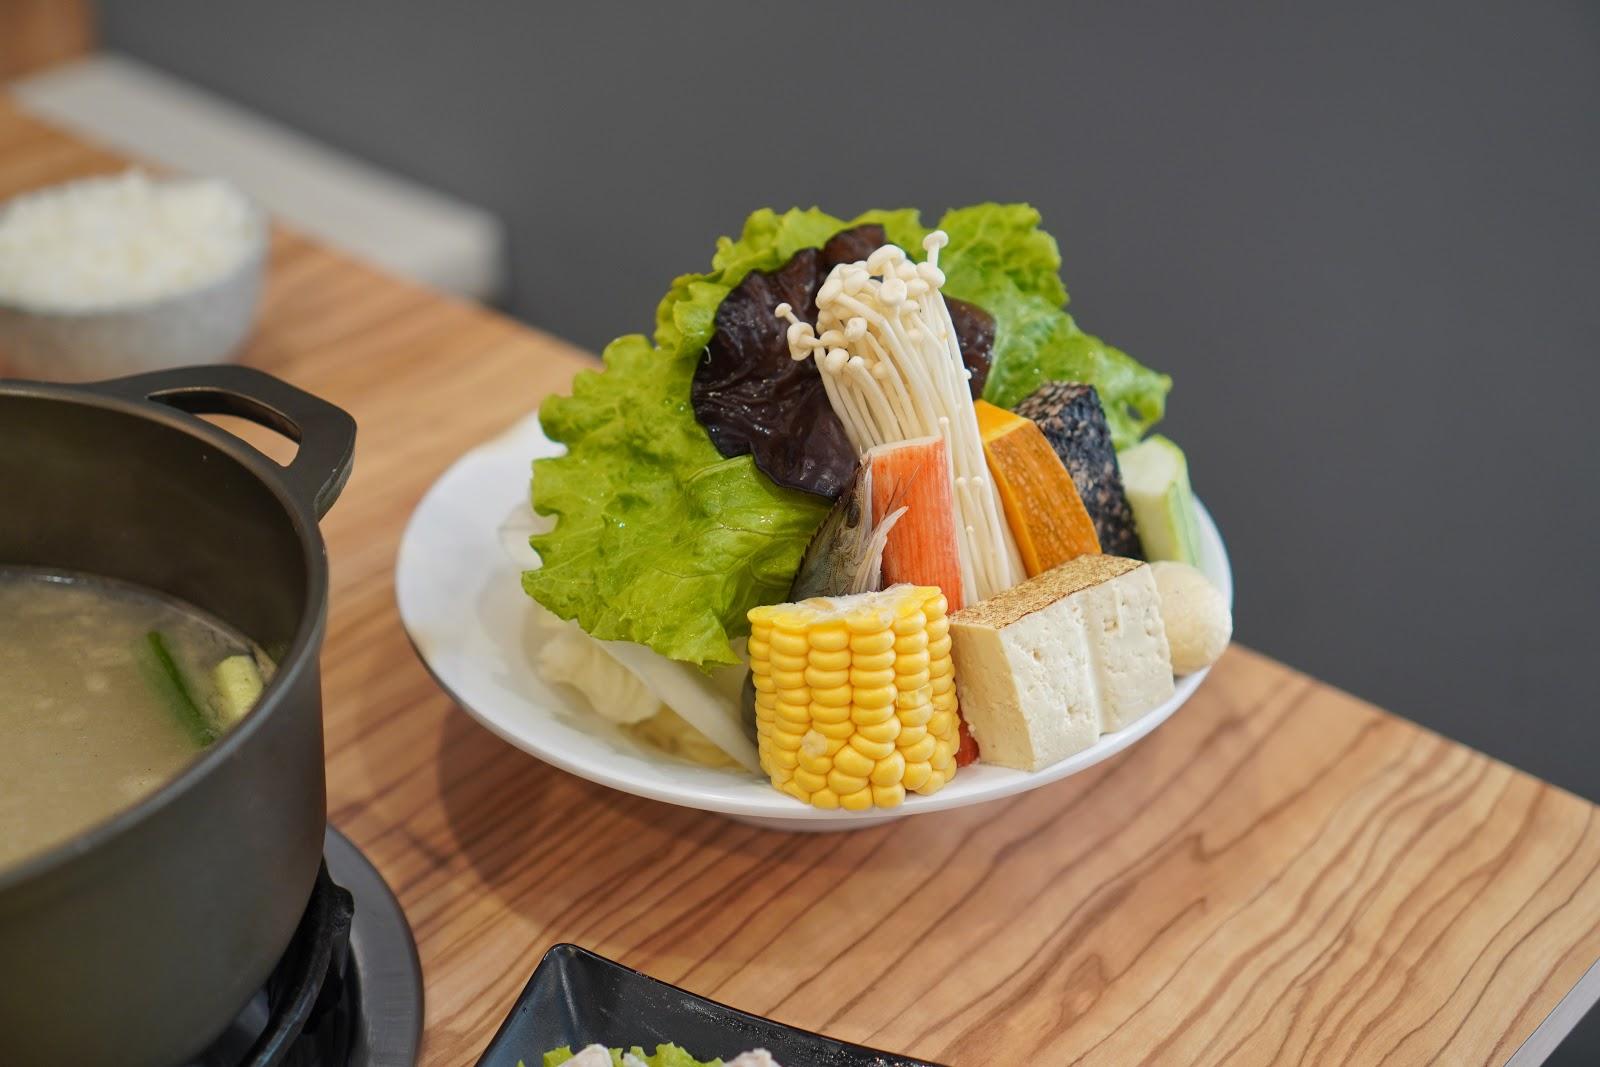 台南中西區美食【小蔡什鍋】餐點介紹 菜盤